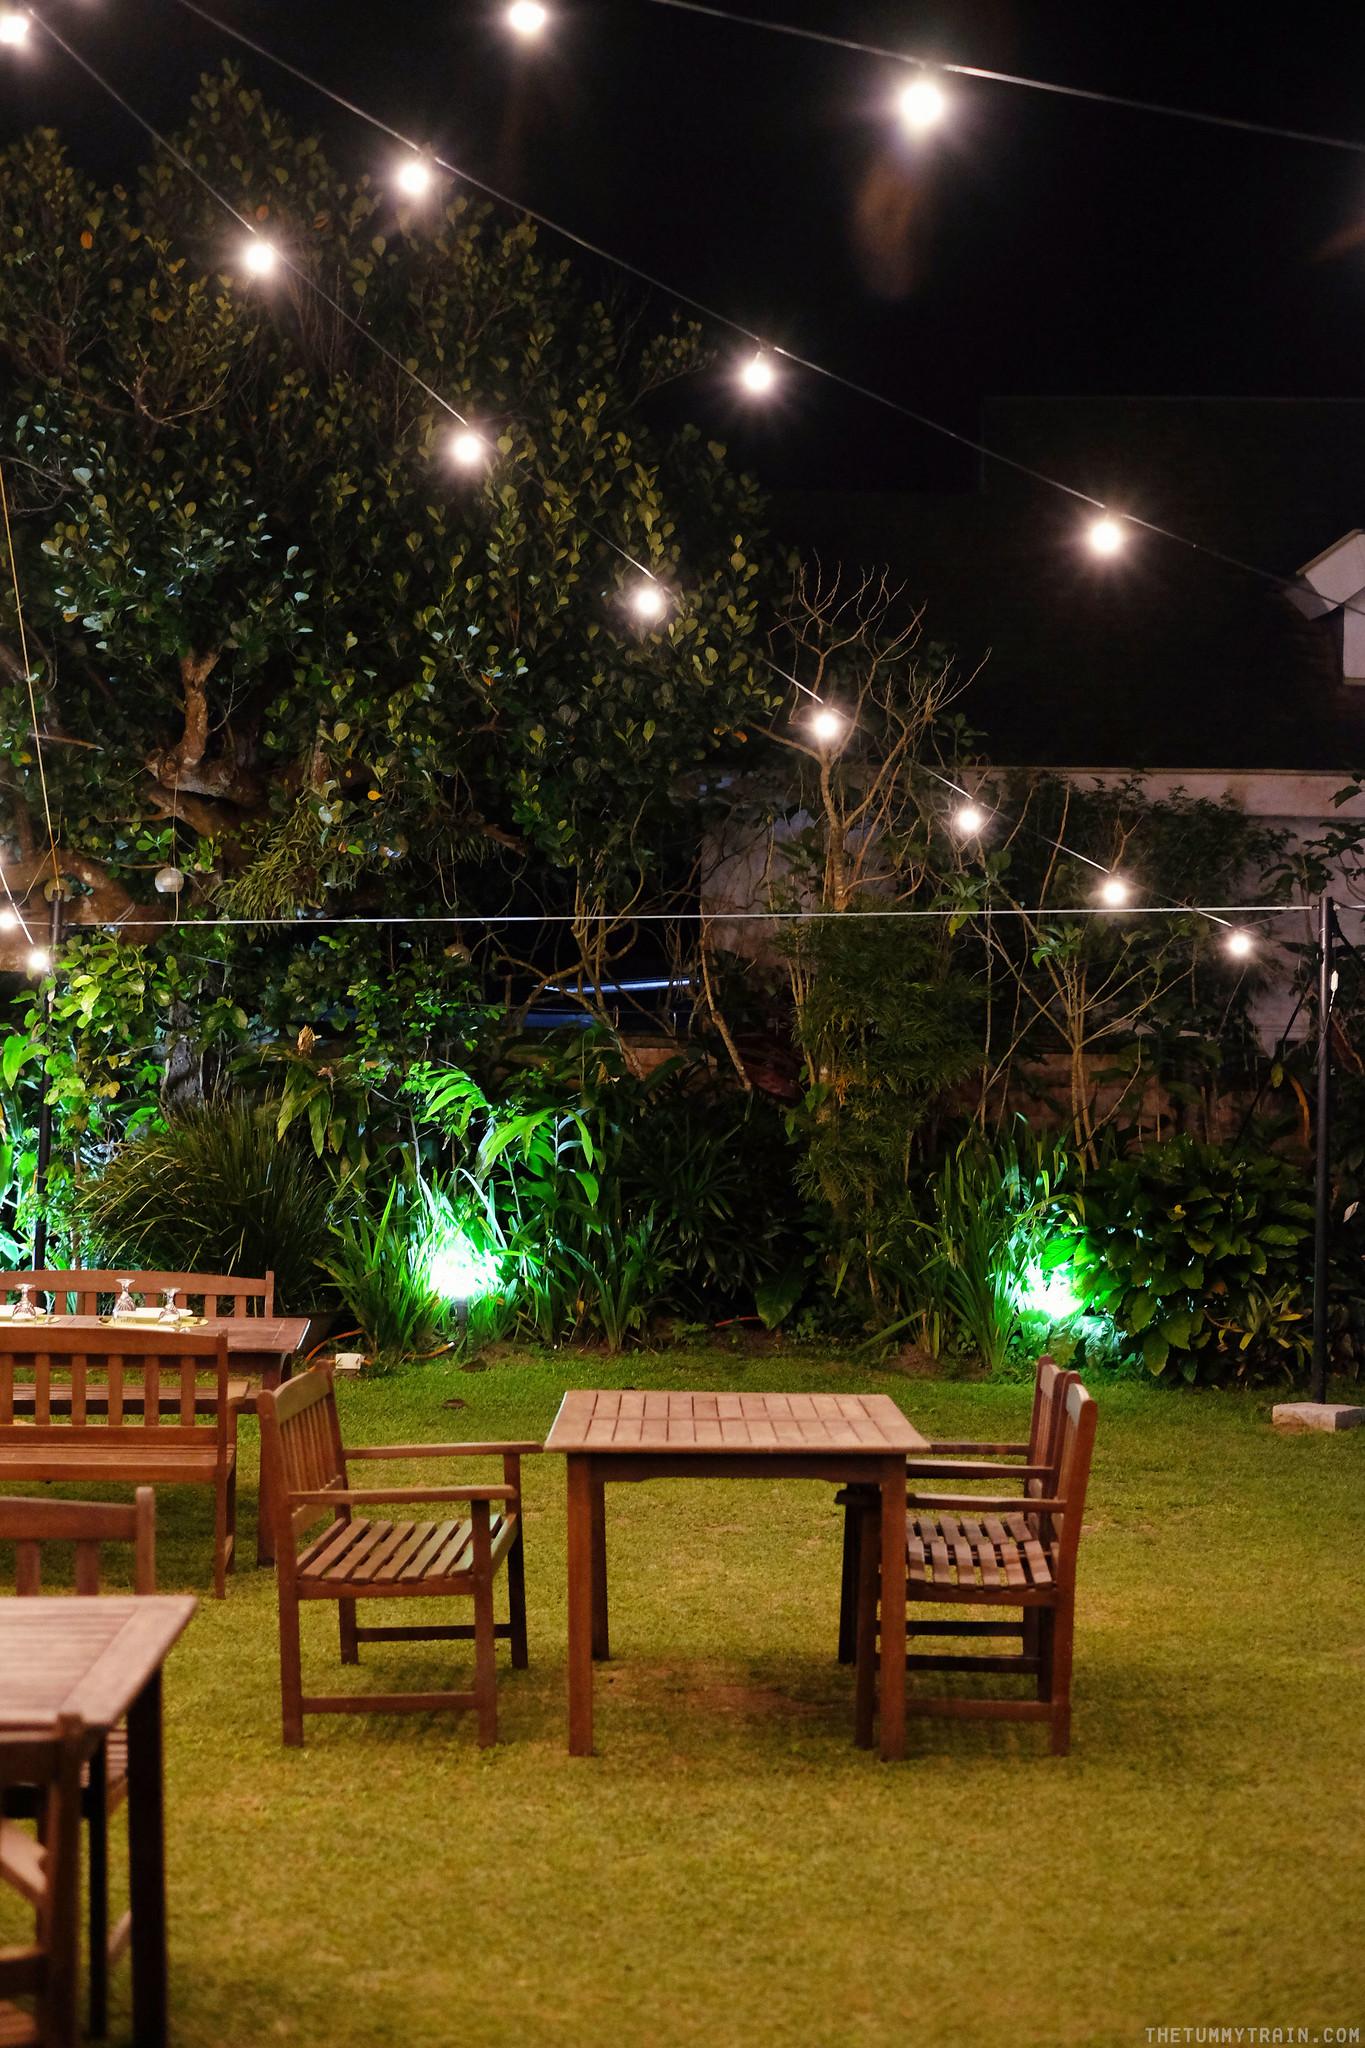 33701554202 7d9ed354ba k - Lime & Basil Thai Restaurant Tagaytay makes case as a go-to Thai place